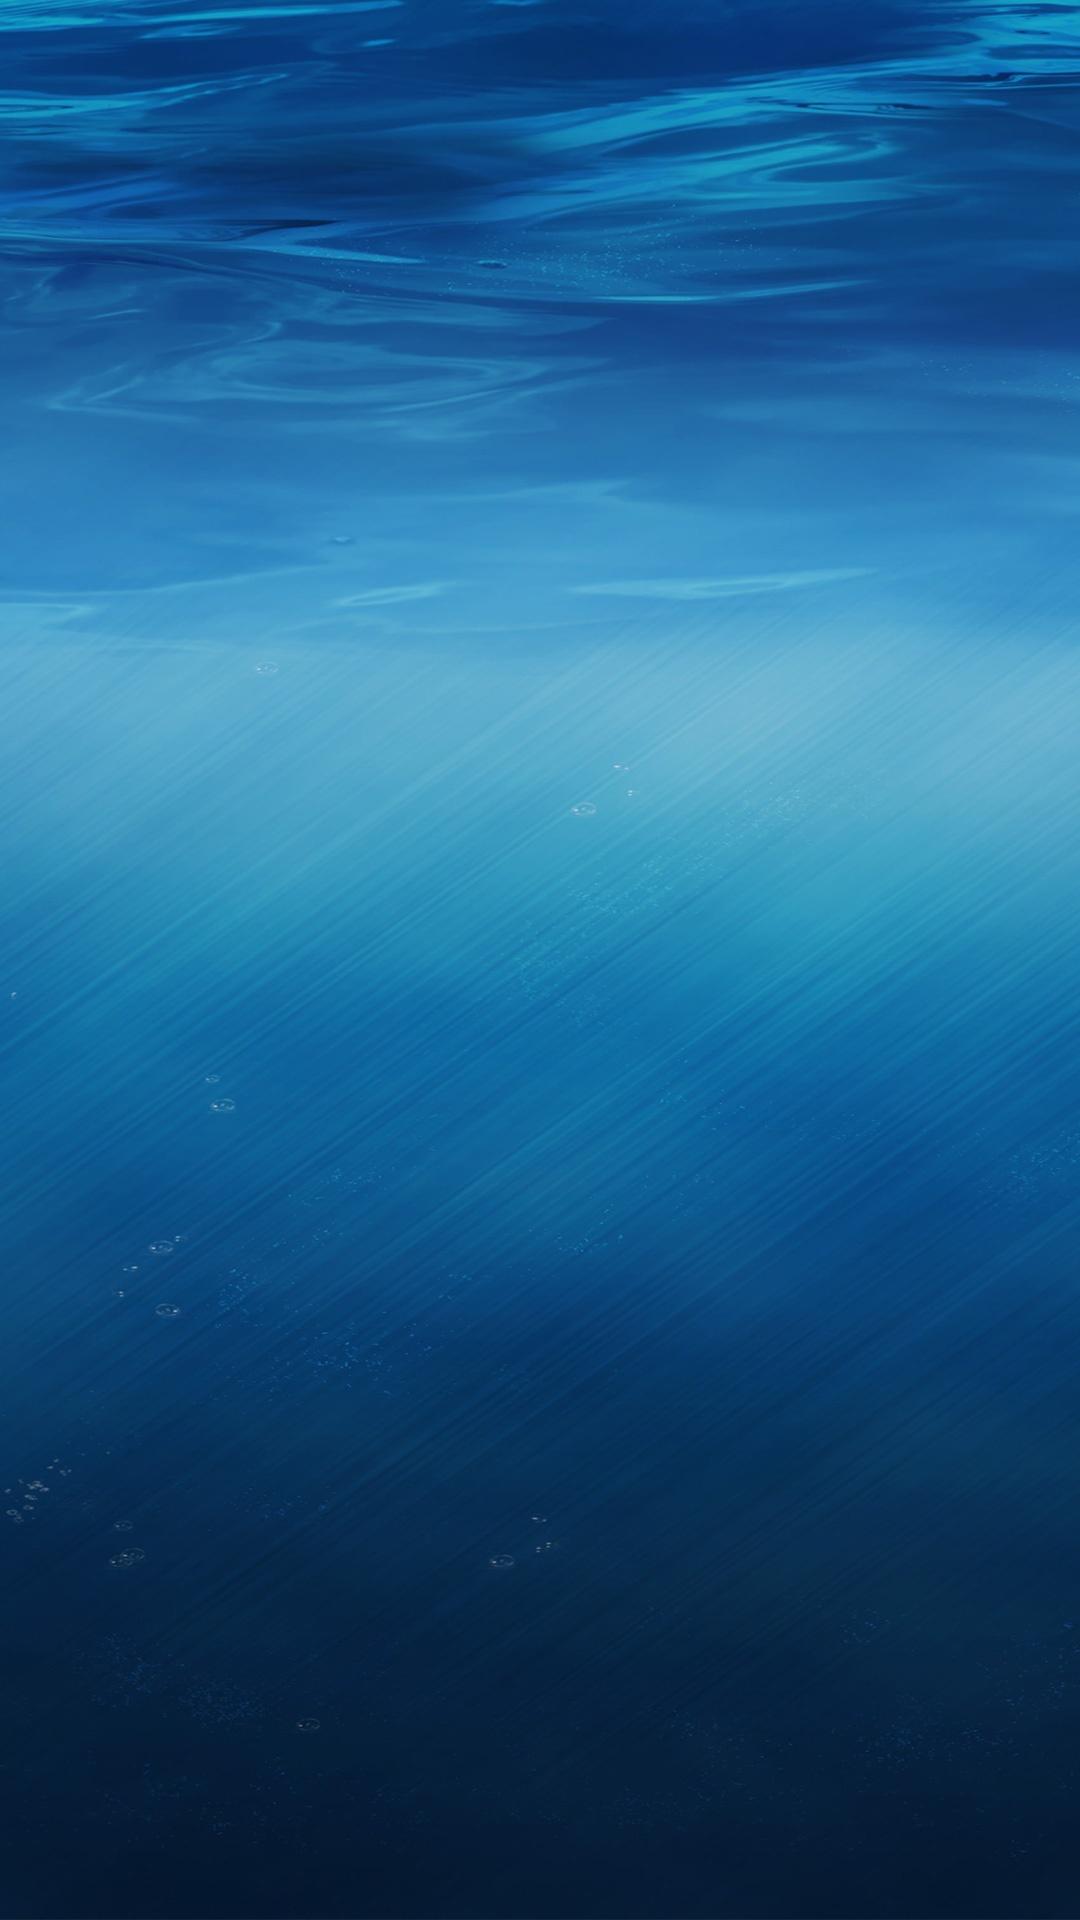 Underwater 5K Wallpapers HD Wallpapers 1080x1920